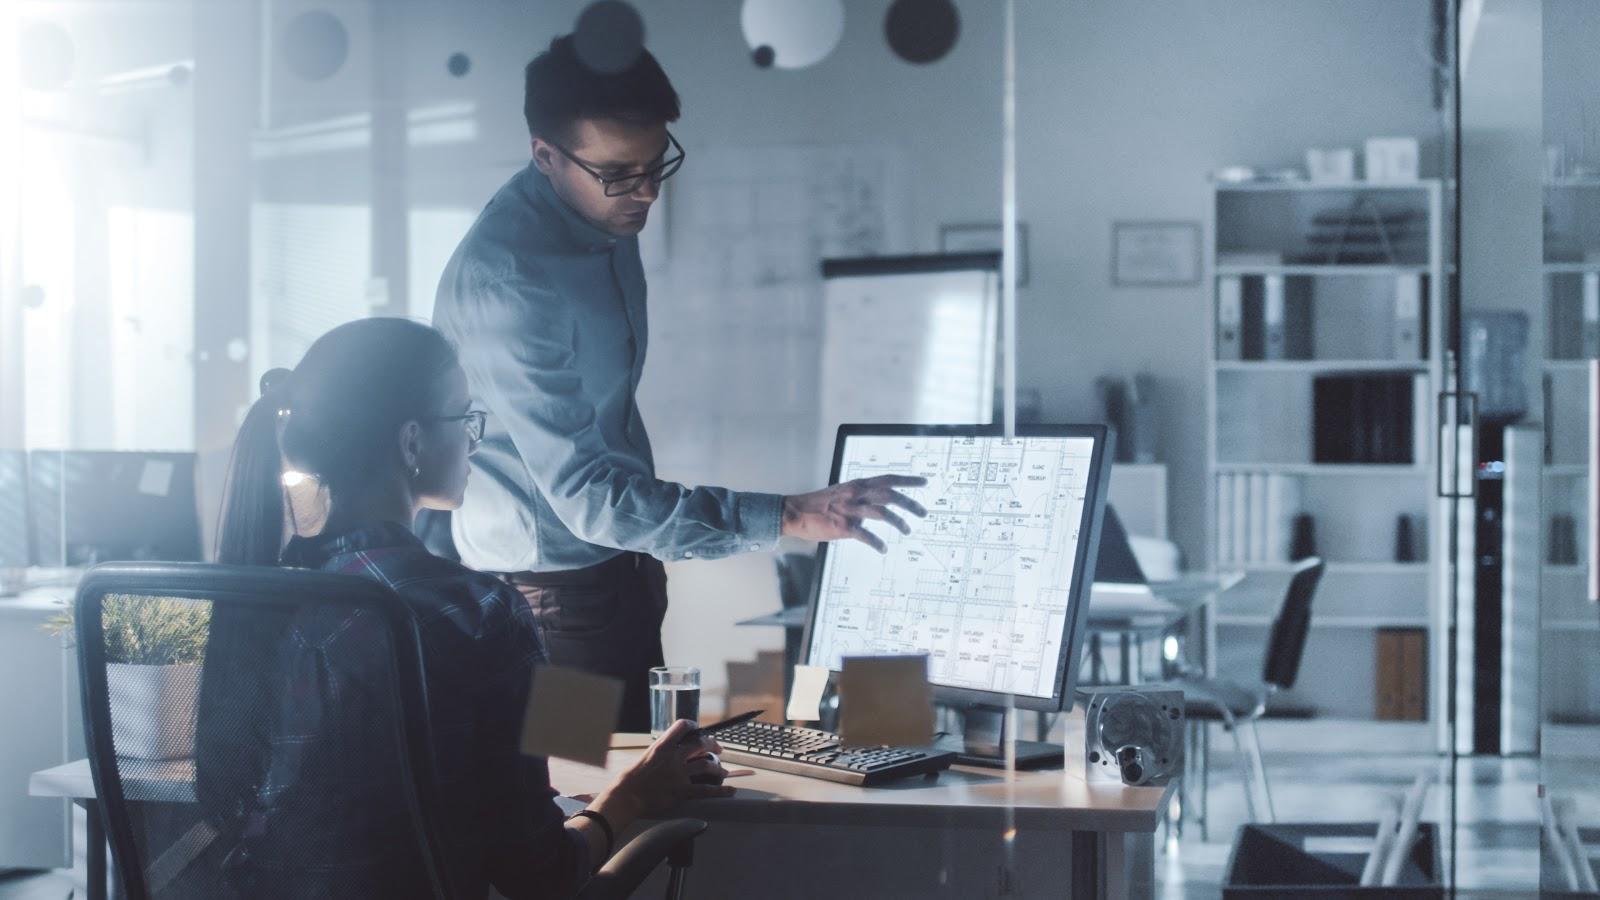 Internship goals: Mentor helping a student at a computer desk